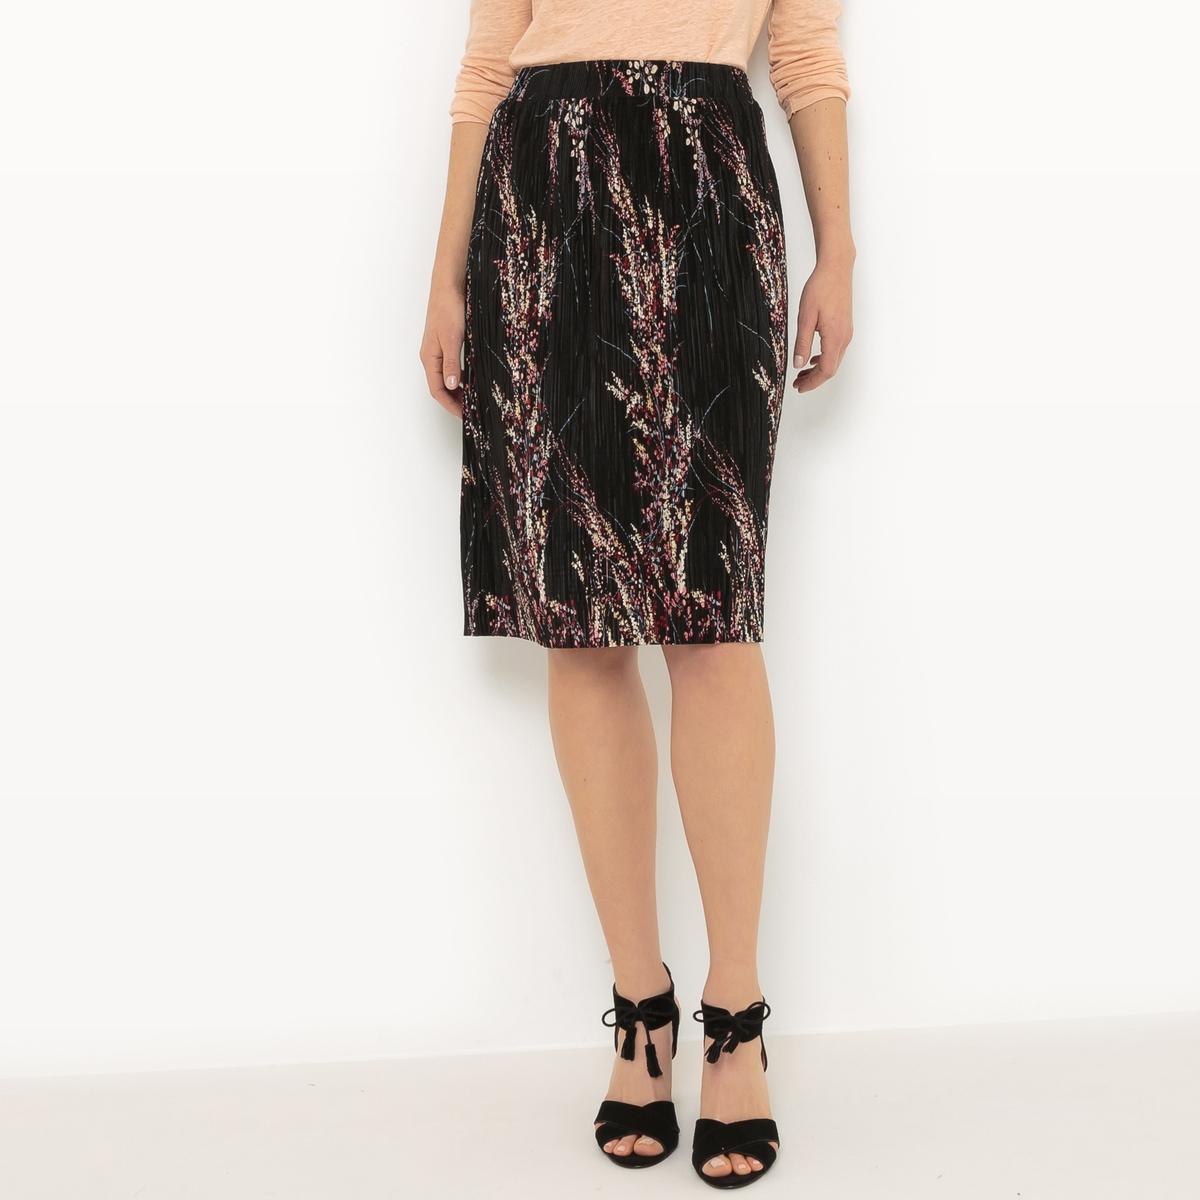 Falda plisada, largo por la rodilla